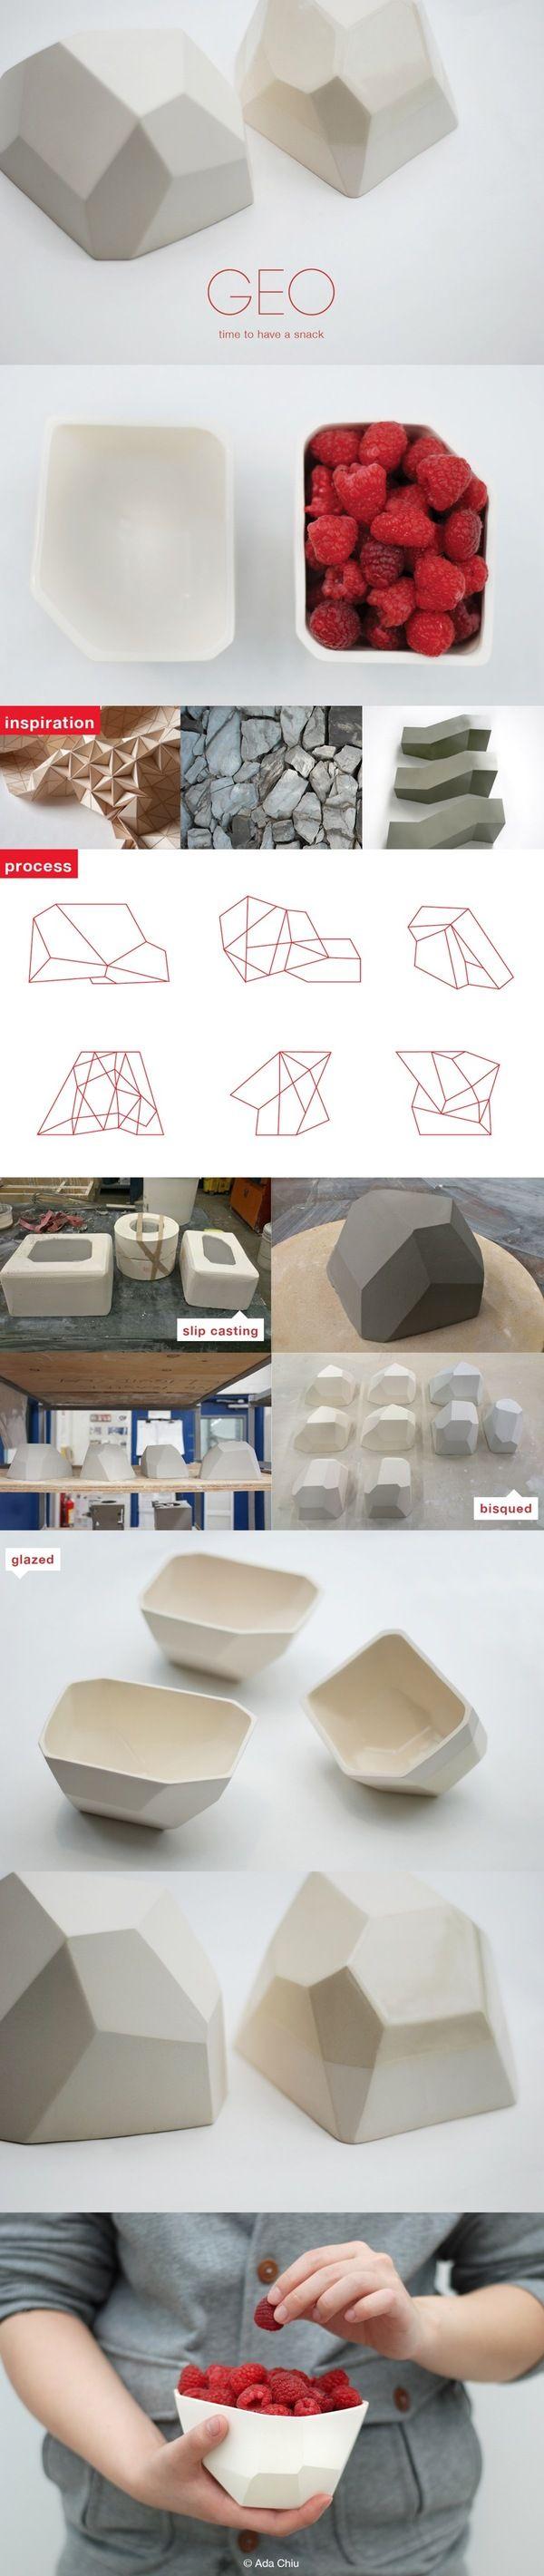 geometrisch= wiskundige vormen die je met passer en liniaal kunt maken. open vorm= je kunt er in kijken / de binnenkant zien.